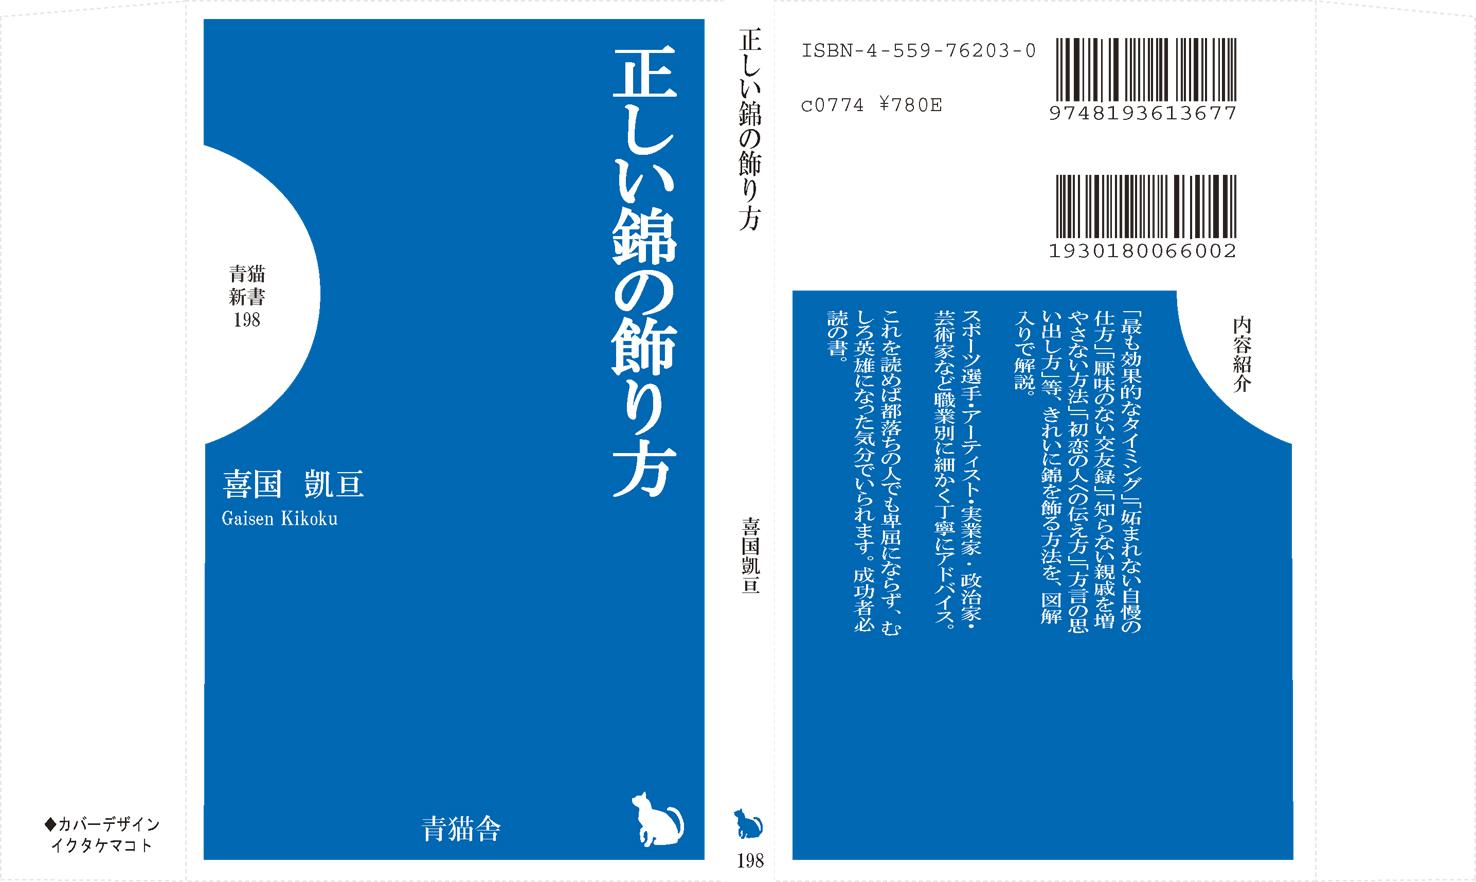 錦の飾り方のコピー